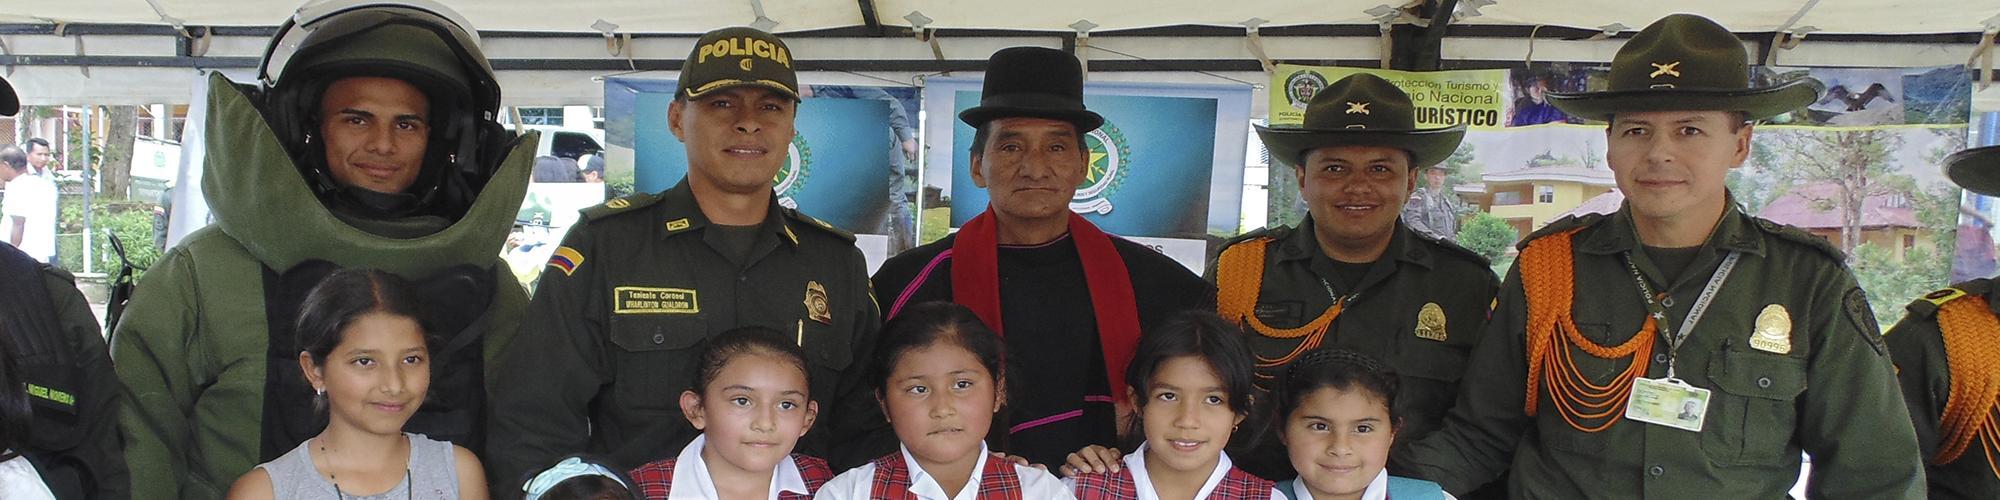 Semana Santa Piendamó Cauca